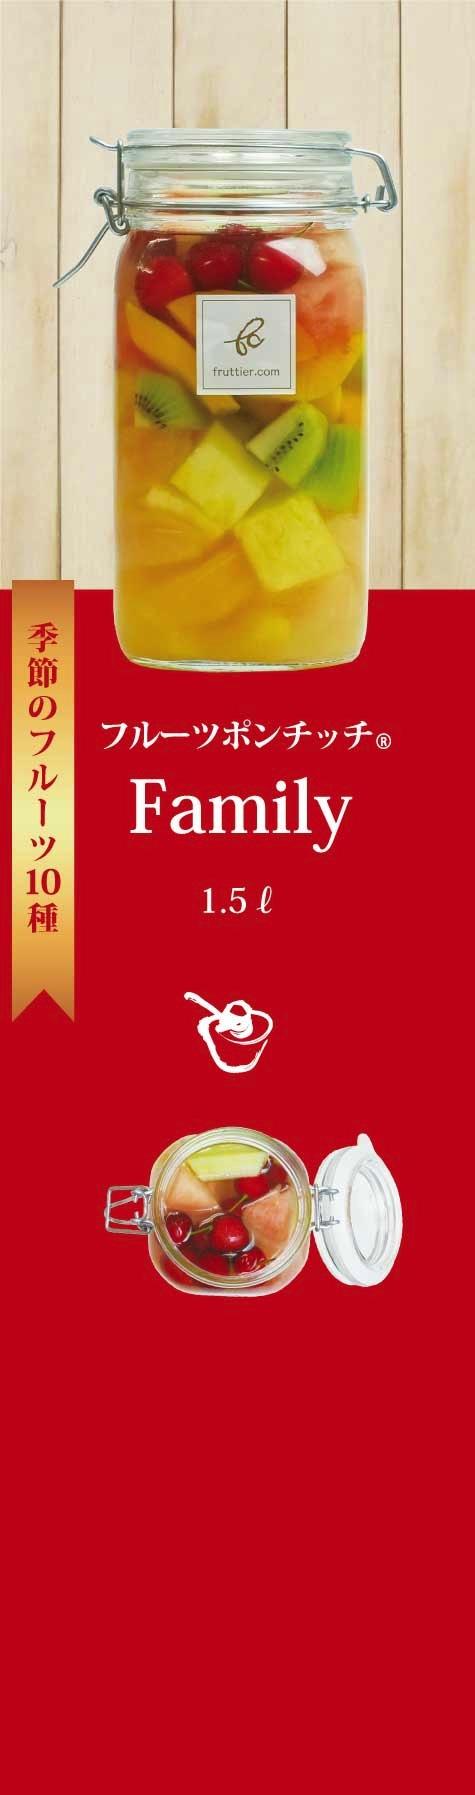 フルーツポンチッチFamily〜さくらんぼ